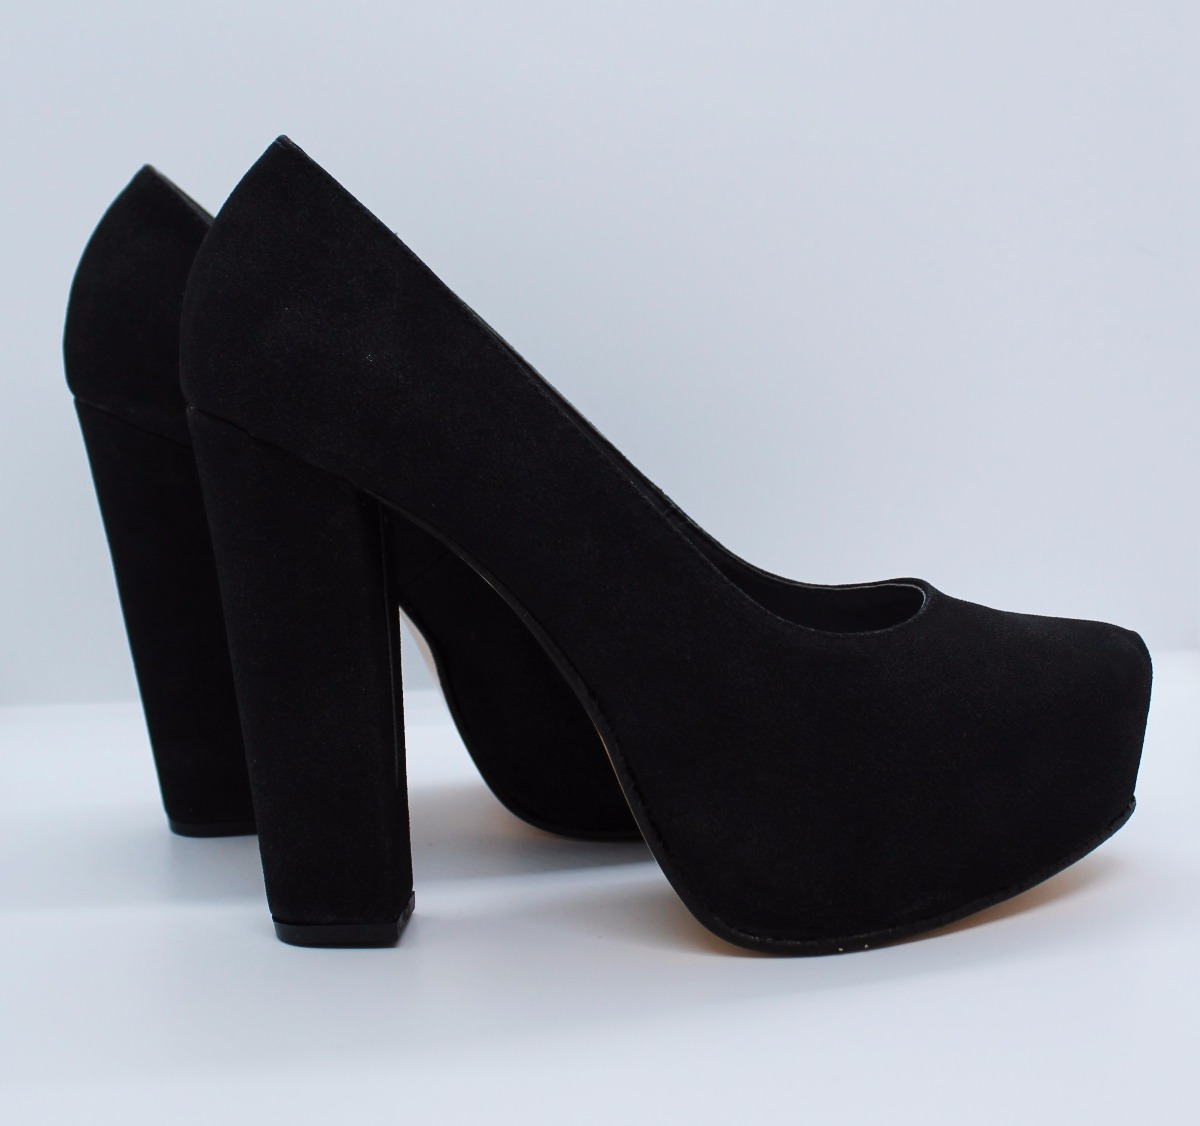 Alto Stiletto Plataforma Escondida Mujer Zapato Fiesta Taco XRpp0q 0451108446669